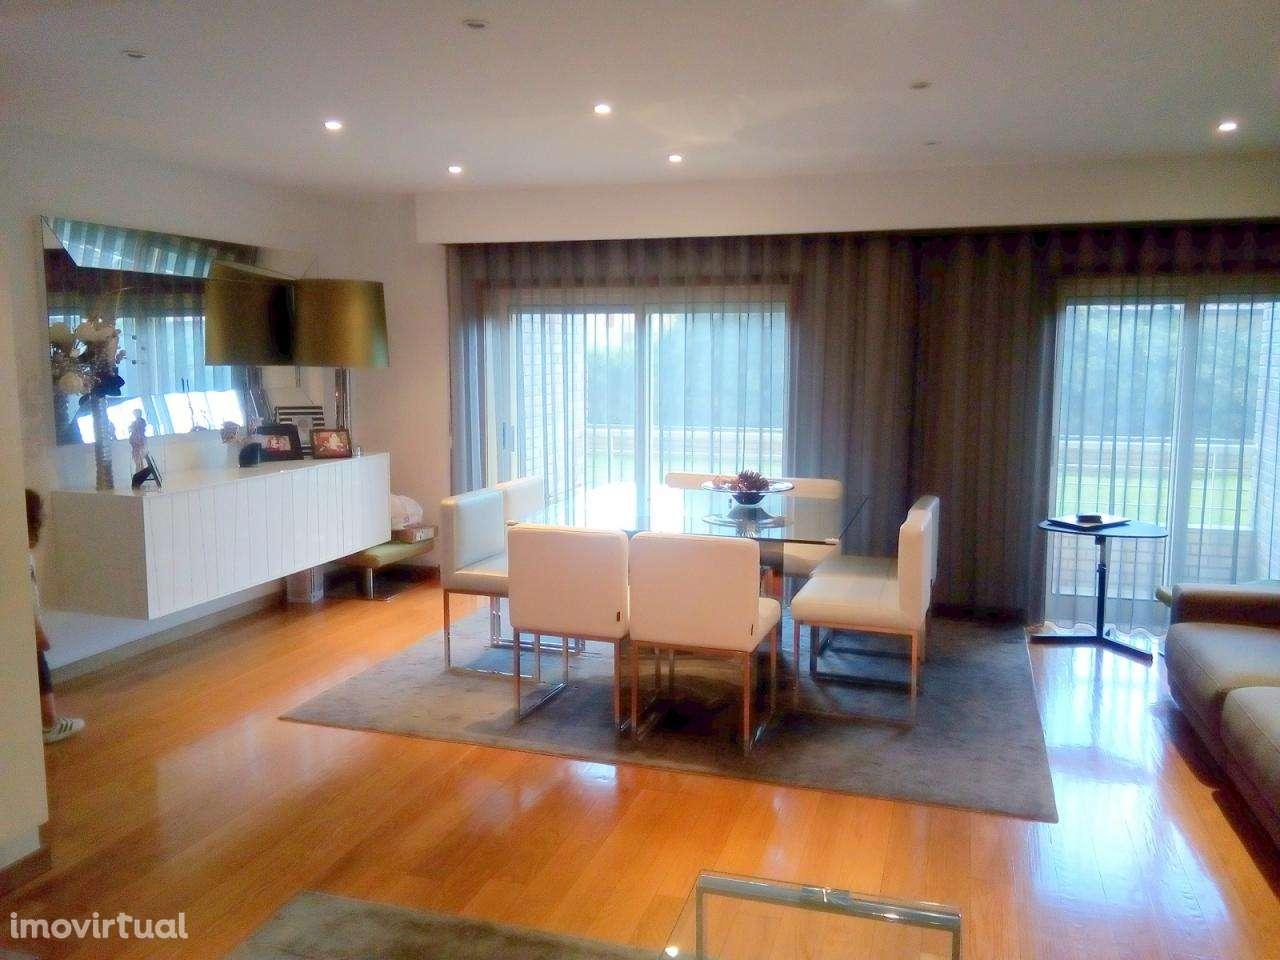 Apartamento para comprar, Canidelo, Porto - Foto 1